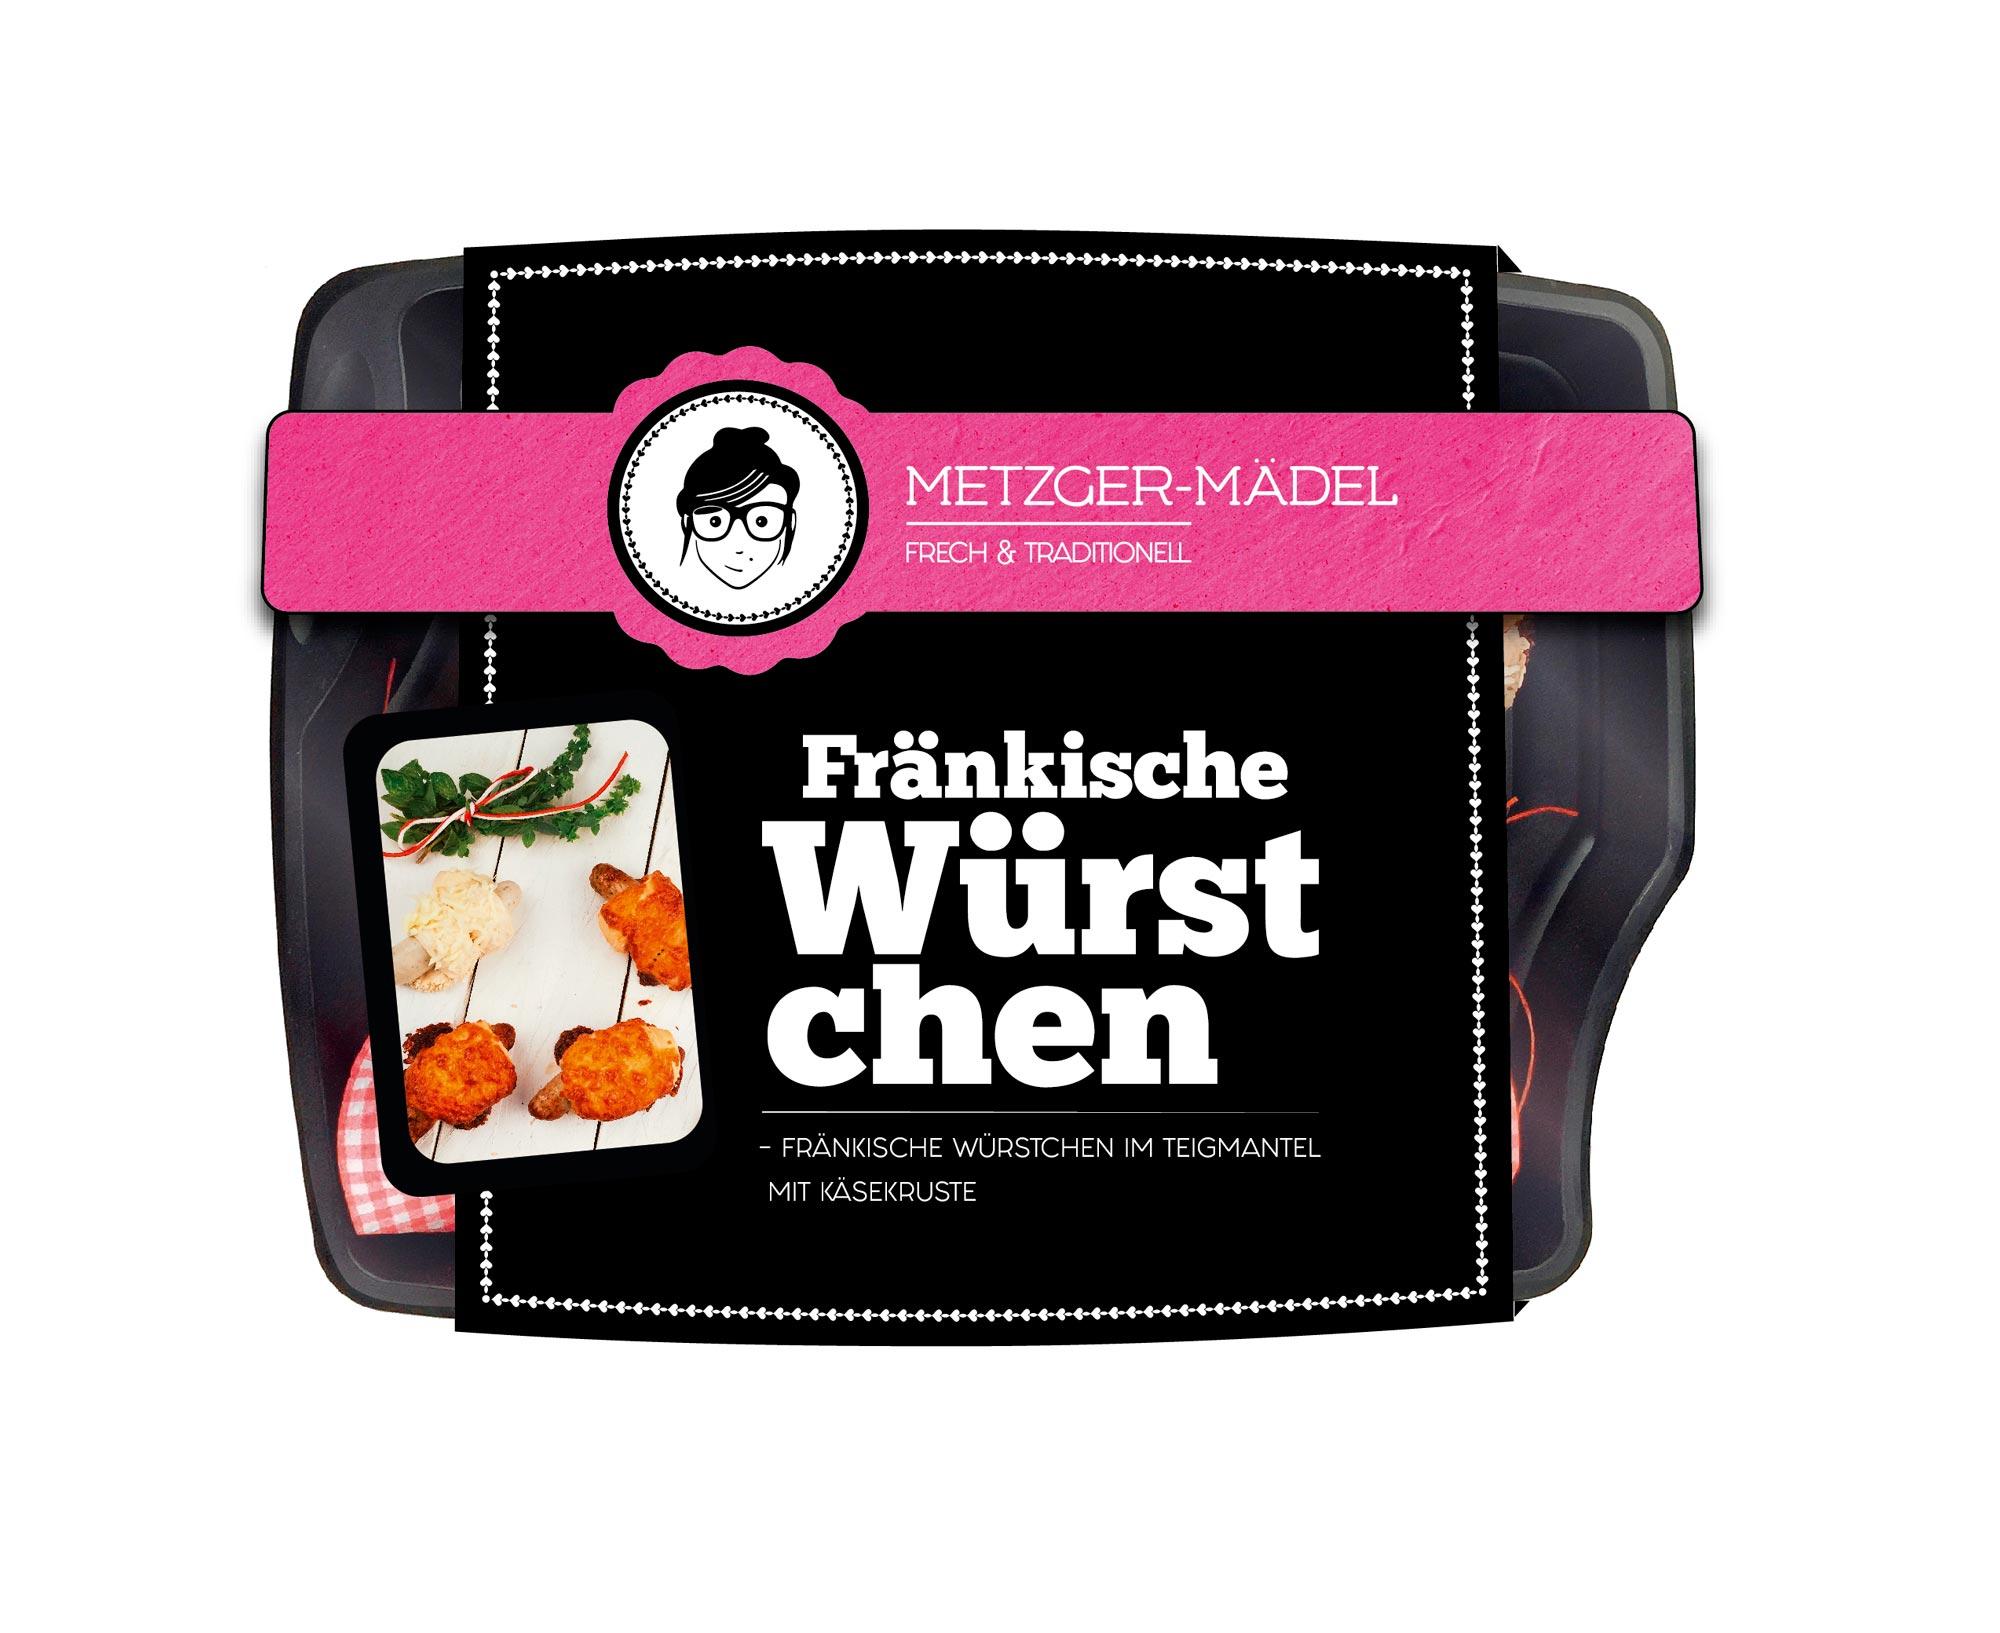 Verpackungsdesign Edeka Metzger Mädel Fränkische Würstchen